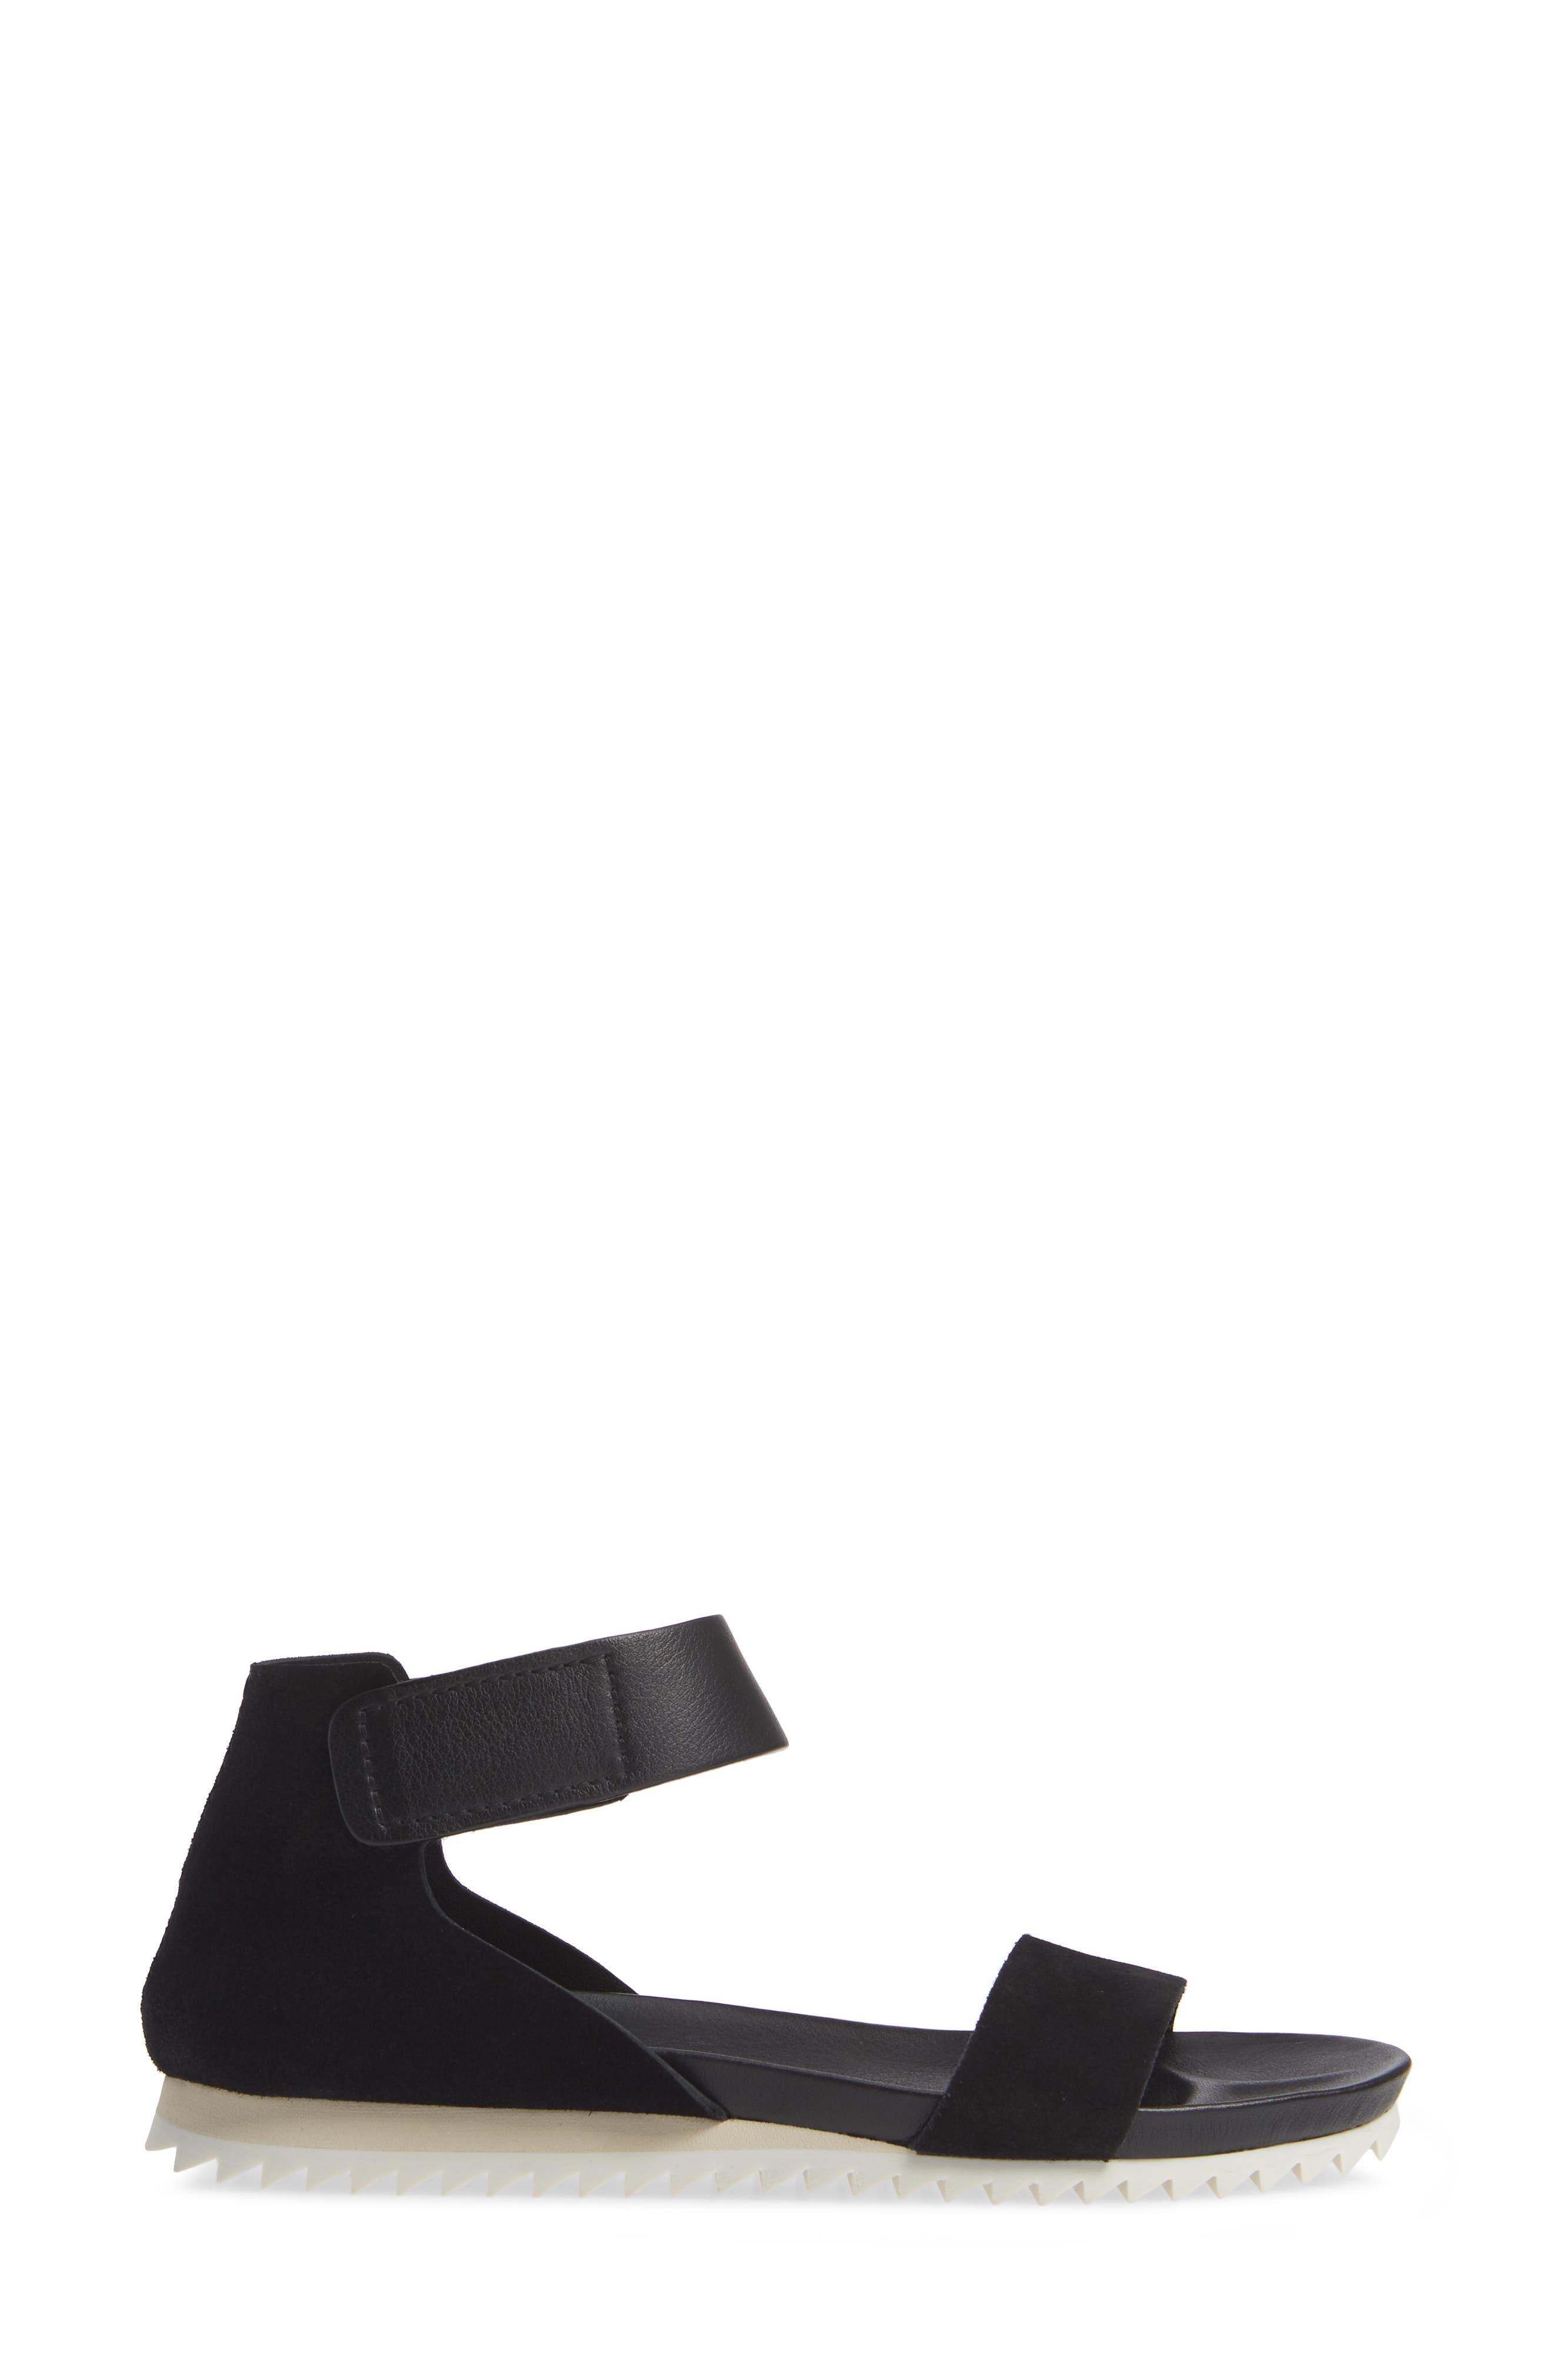 Jenile Ankle Cuff Sandal,                             Alternate thumbnail 3, color,                             BLACK CASTORO